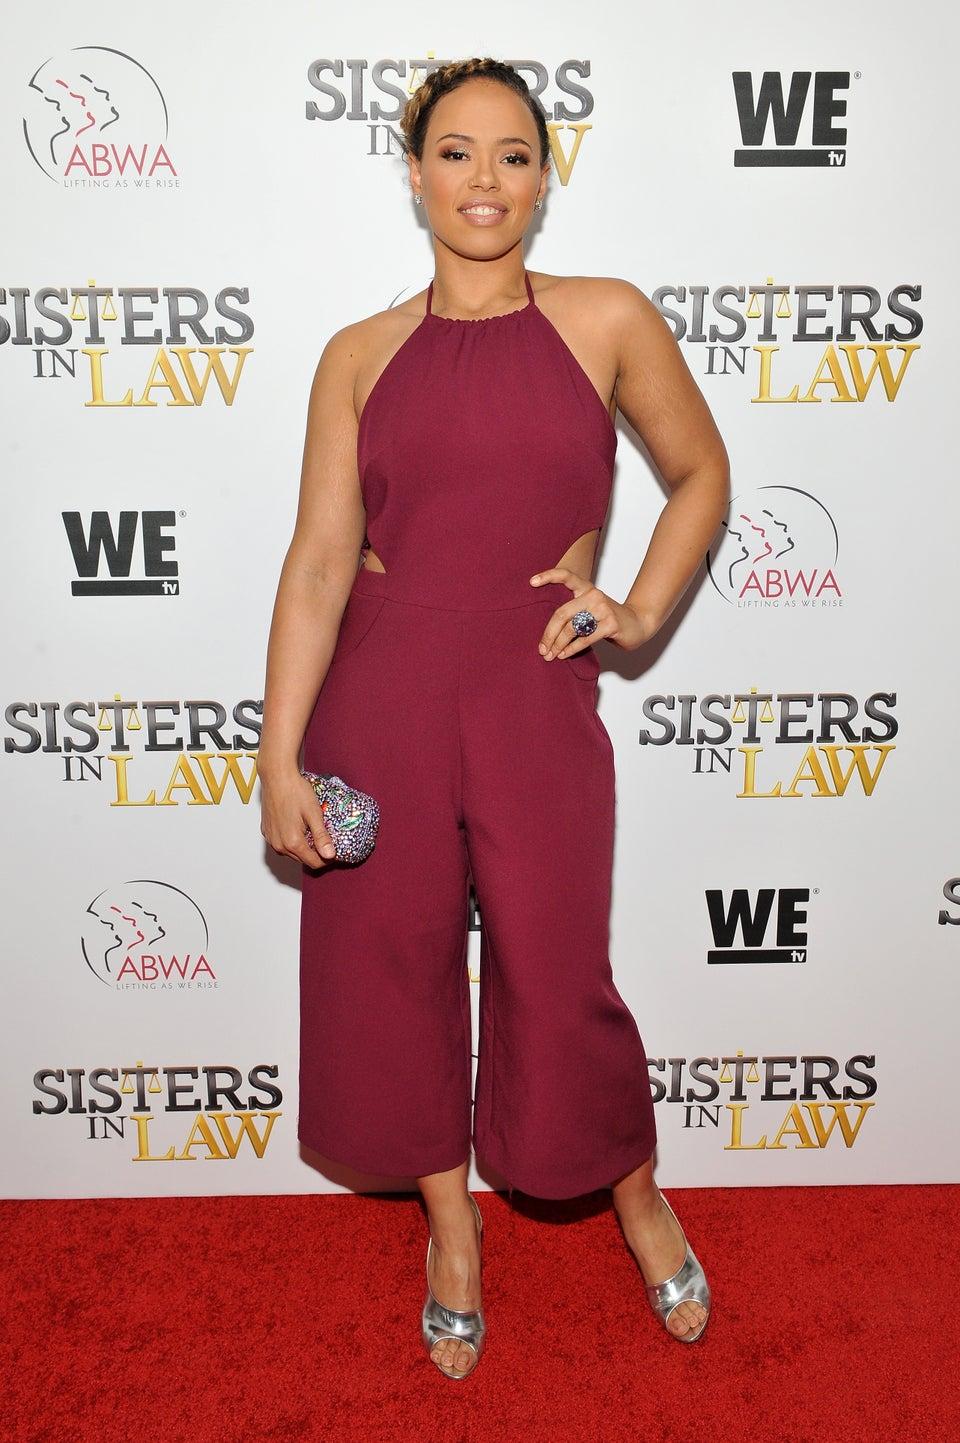 Elle Varner Criticizes 'Slut Culture' & Advocates For Preserving Young Girls' Innocence